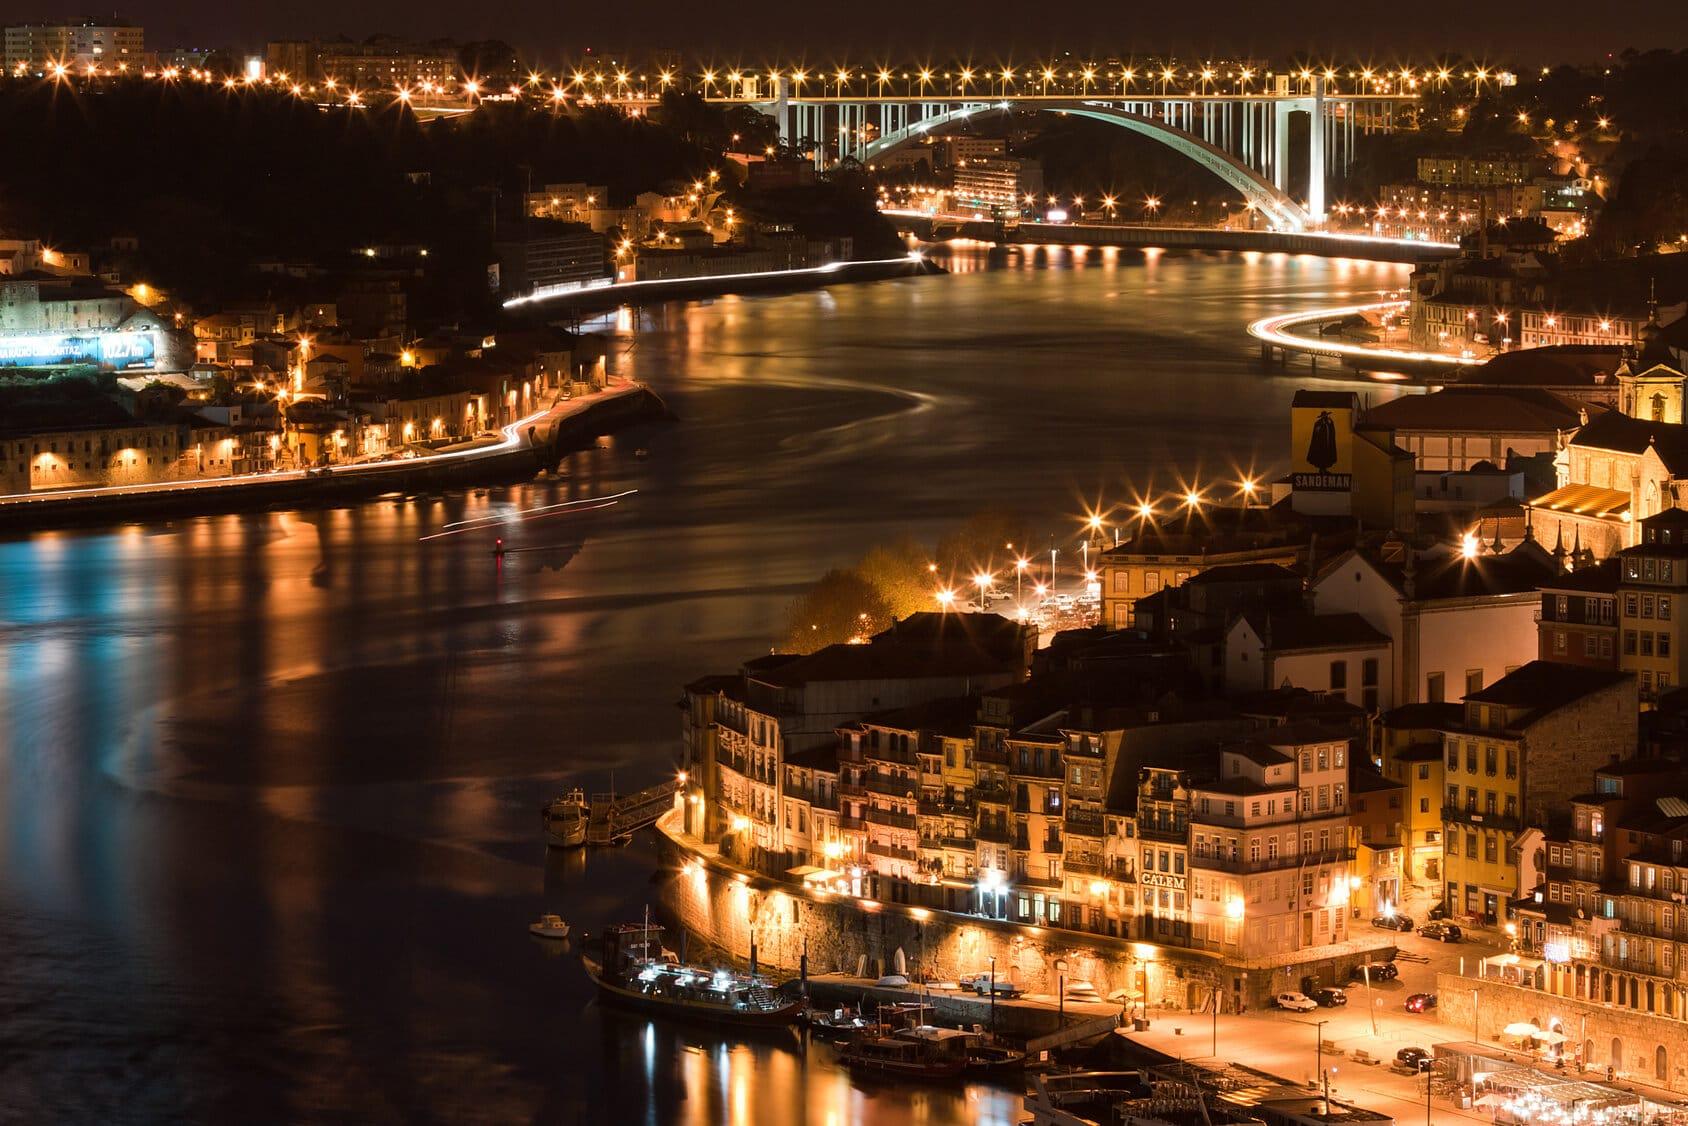 Visitas Guiadas Porto - Cidade do Porto à Noite